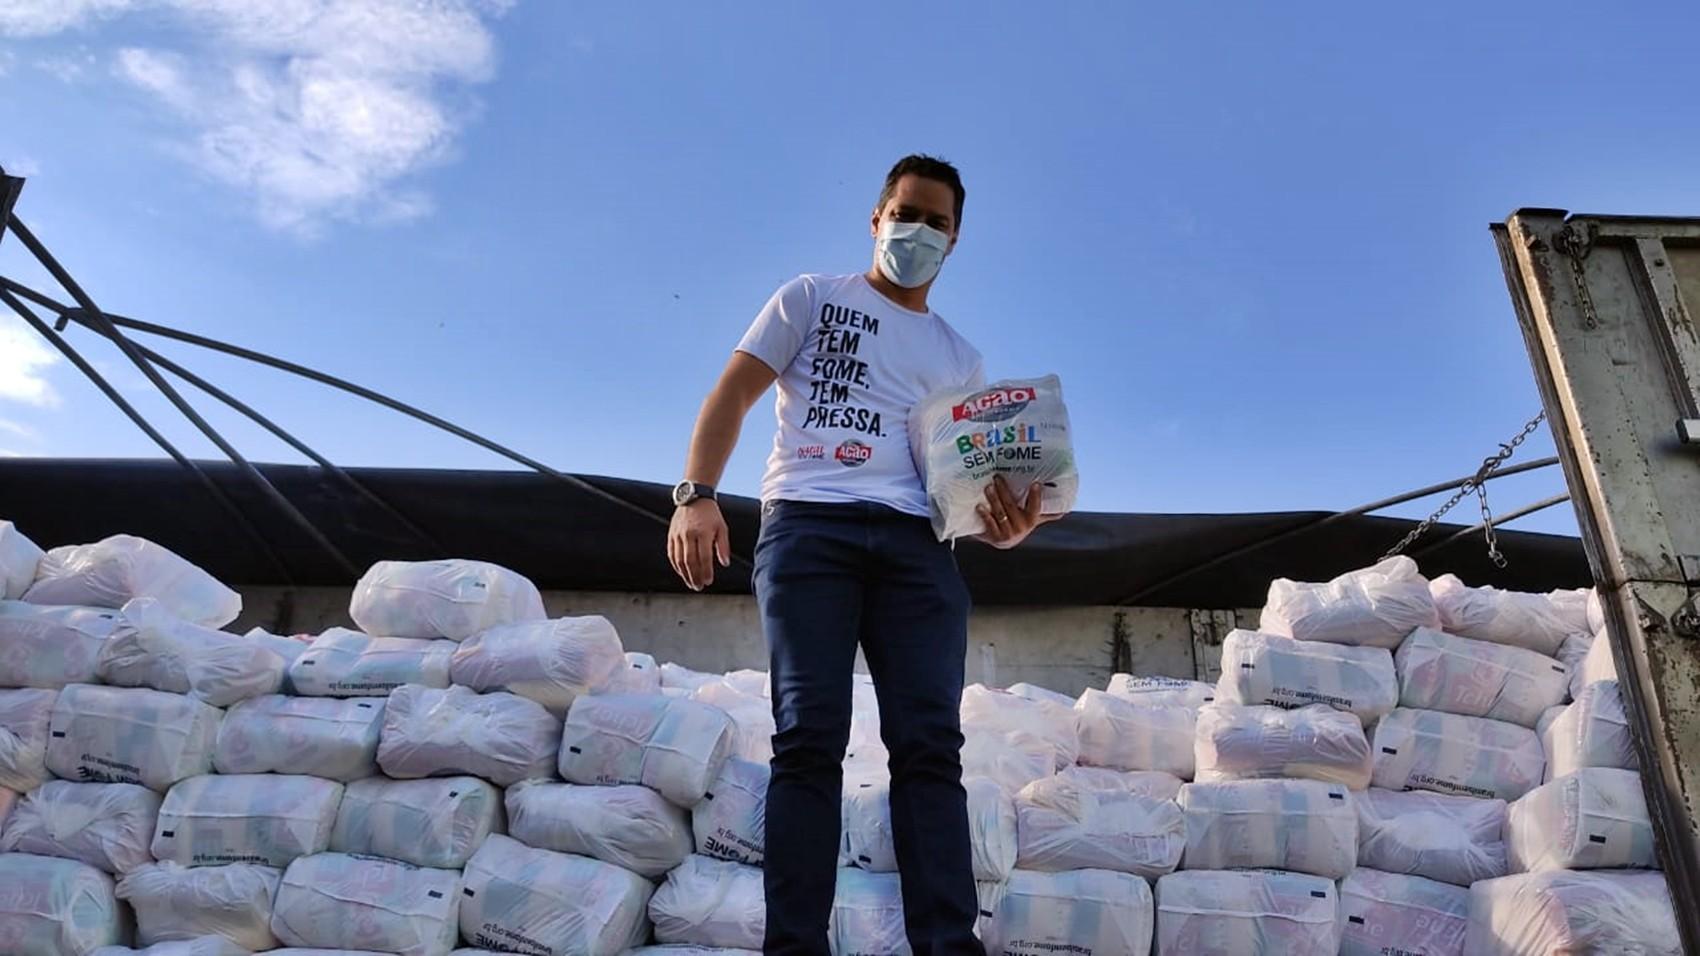 Machado recebe carreta com 2 mil cestas básicas que serão distribuídas na cidade e região